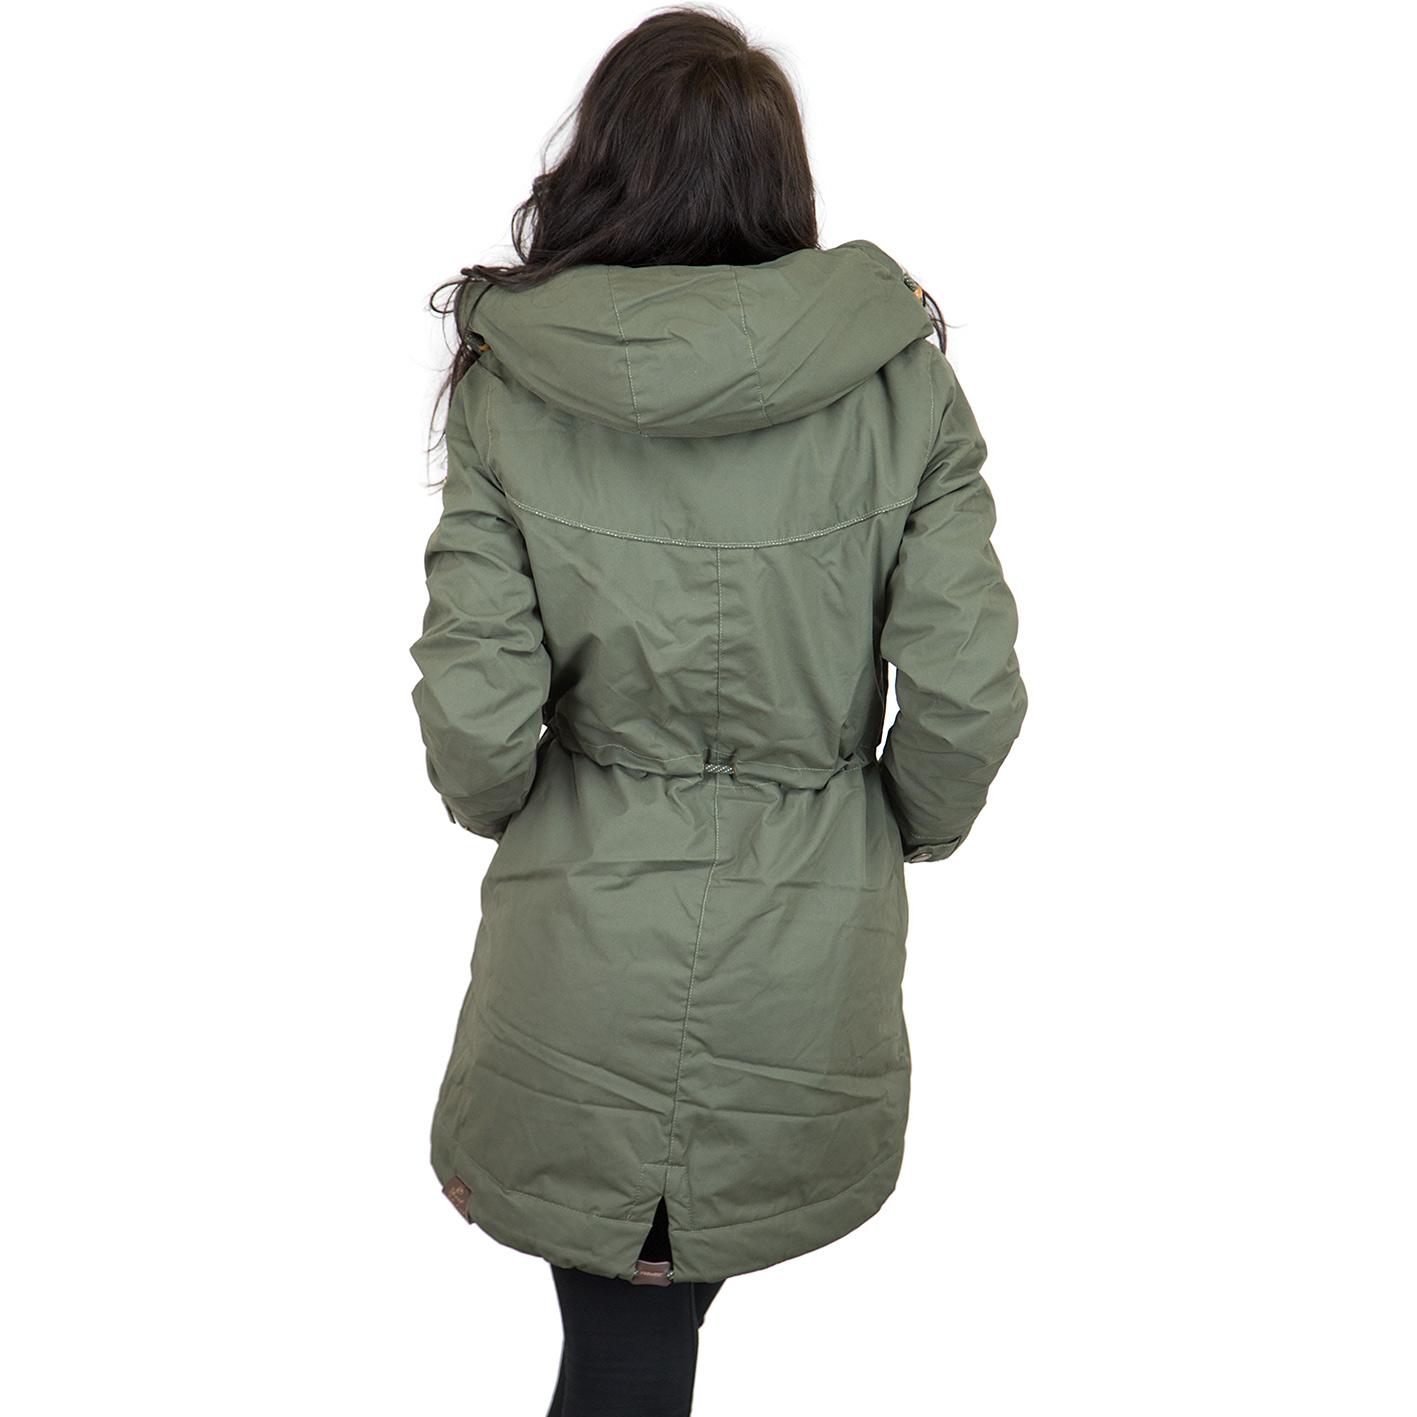 buy online b51c6 6c97f Ragwear Damen-Jacke Canny olive